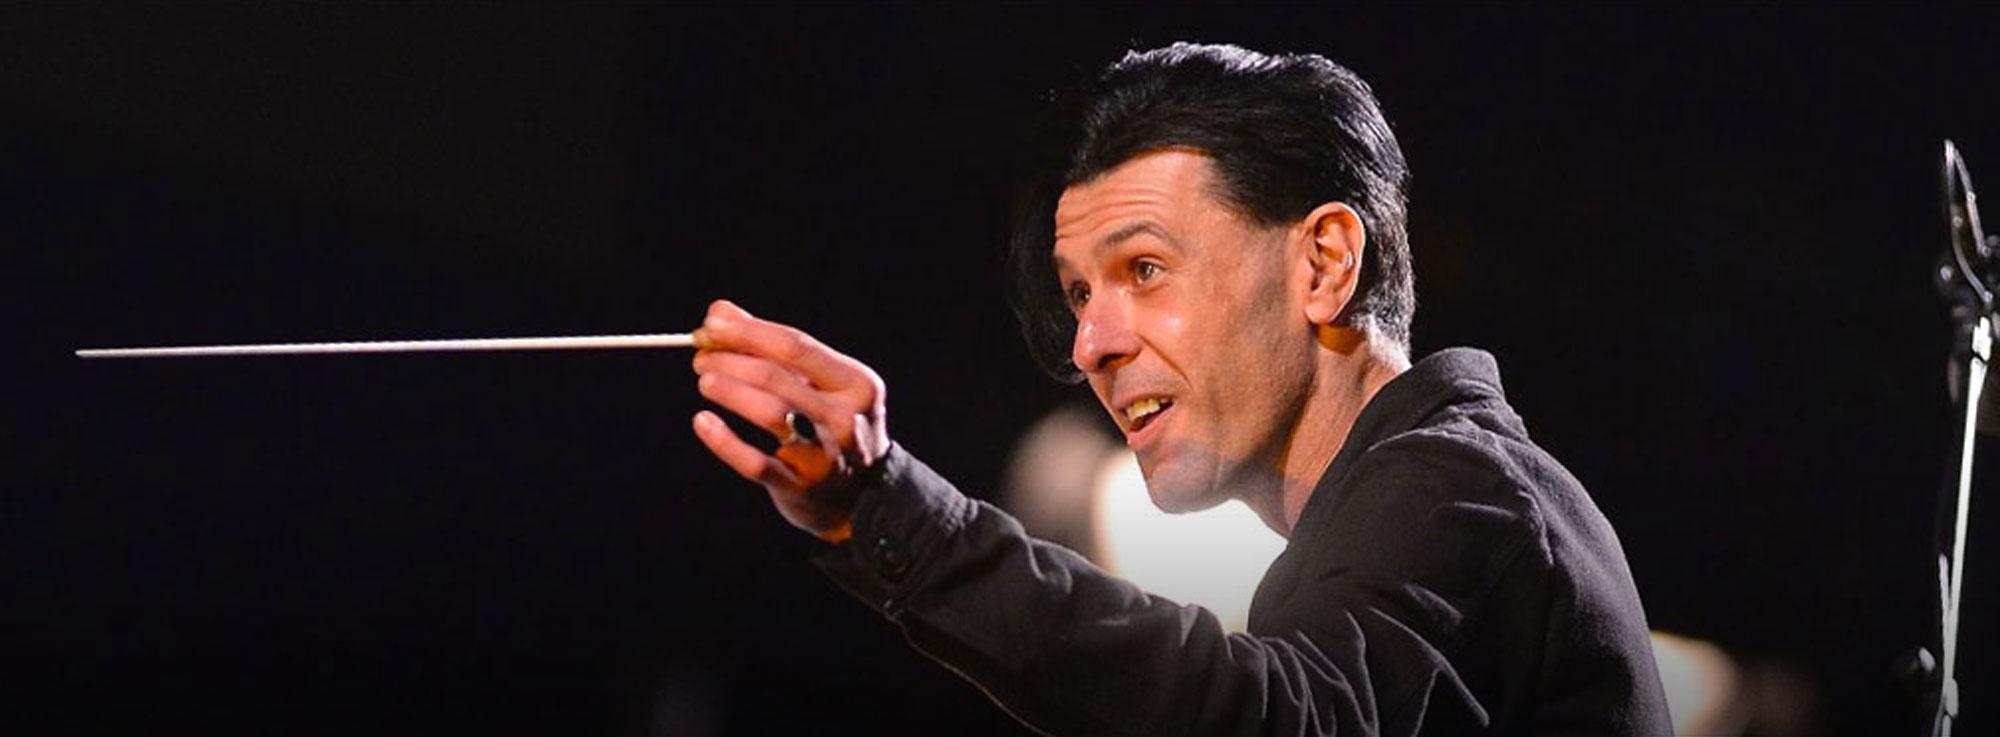 Lecce: Ezio Bosso e Orchestra Sinfonica Metropolitana di Bari